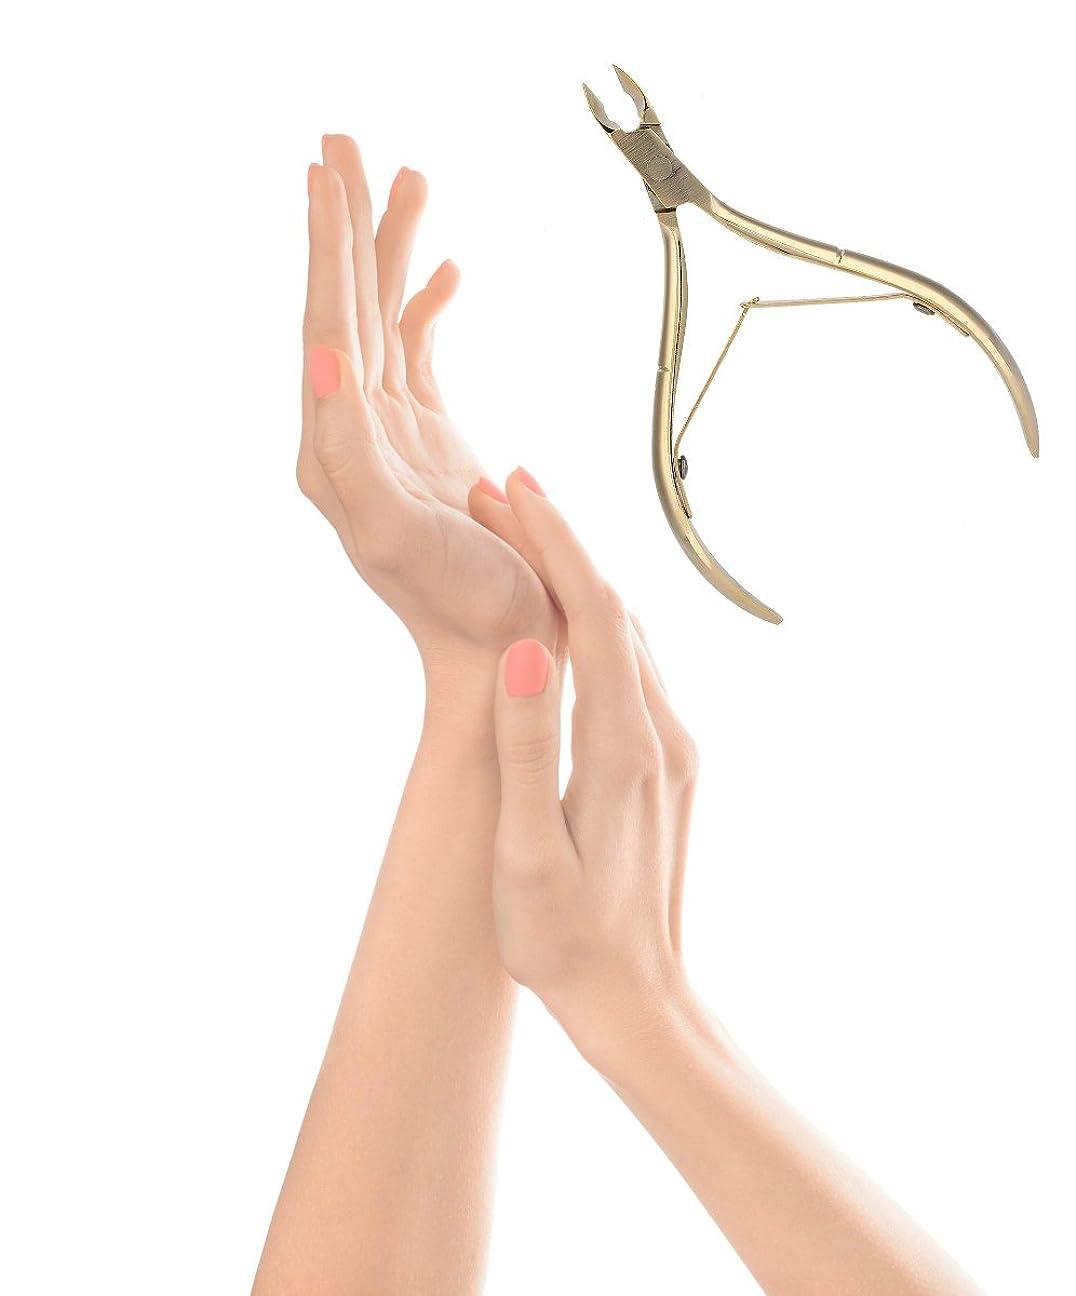 前任者古い経験者爪切り ネイルケア ネイルマニキュアツール ステンレス鋼 快適で便利